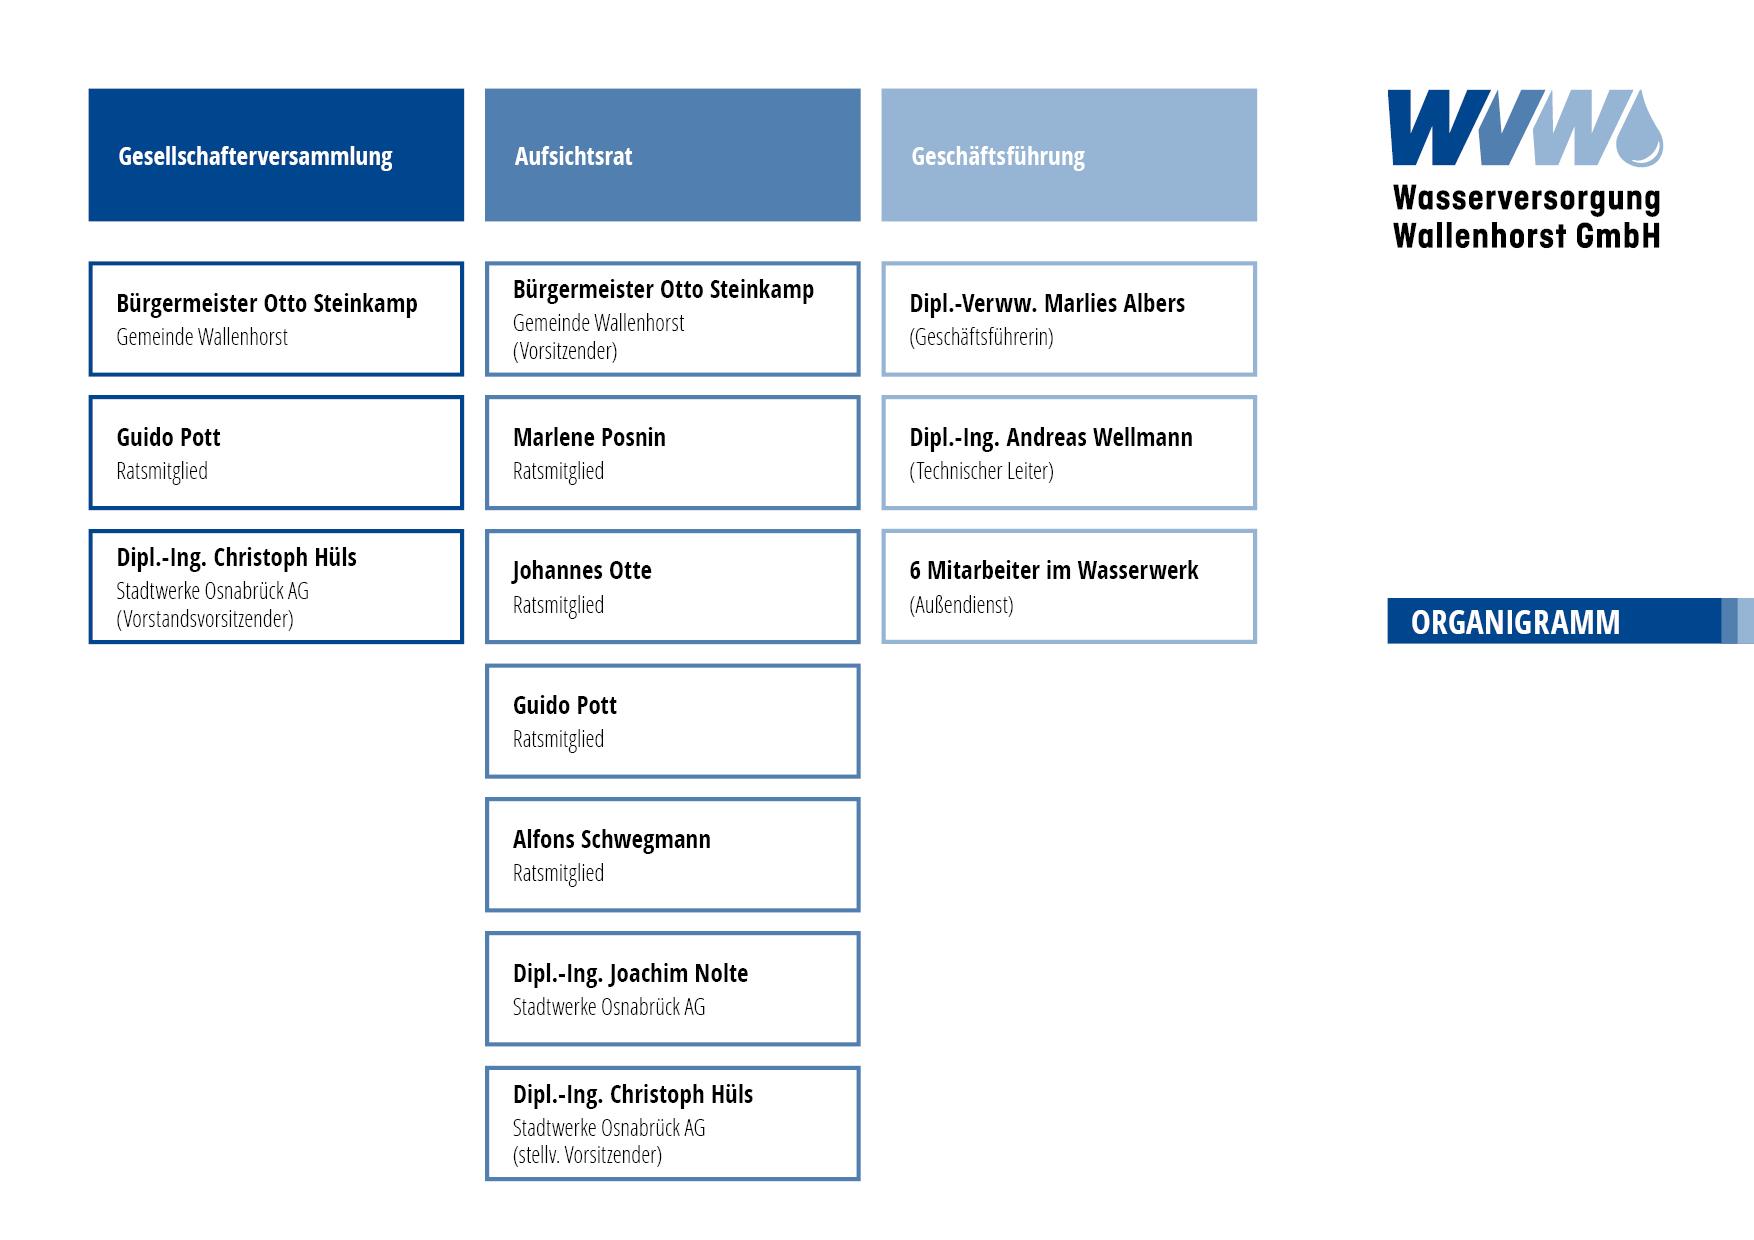 Organigramm der WVW GmbH